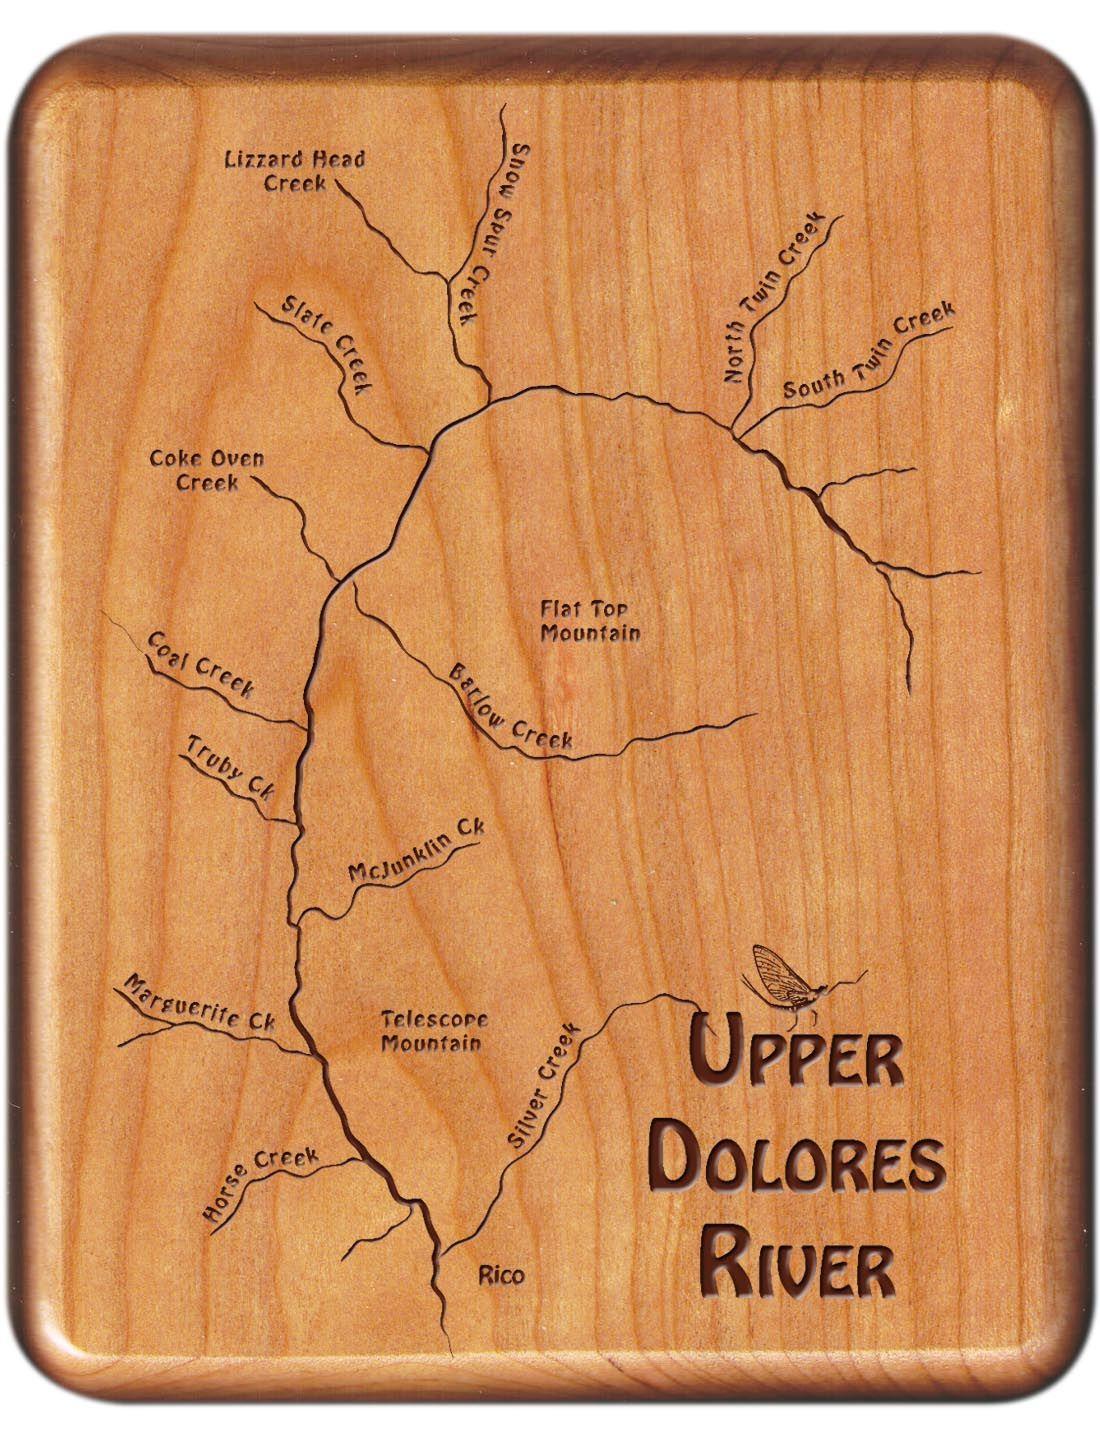 Dolores River Colorado Map.Upper Dolores River Map Fly Box Colorado Cherry Wood Colorado